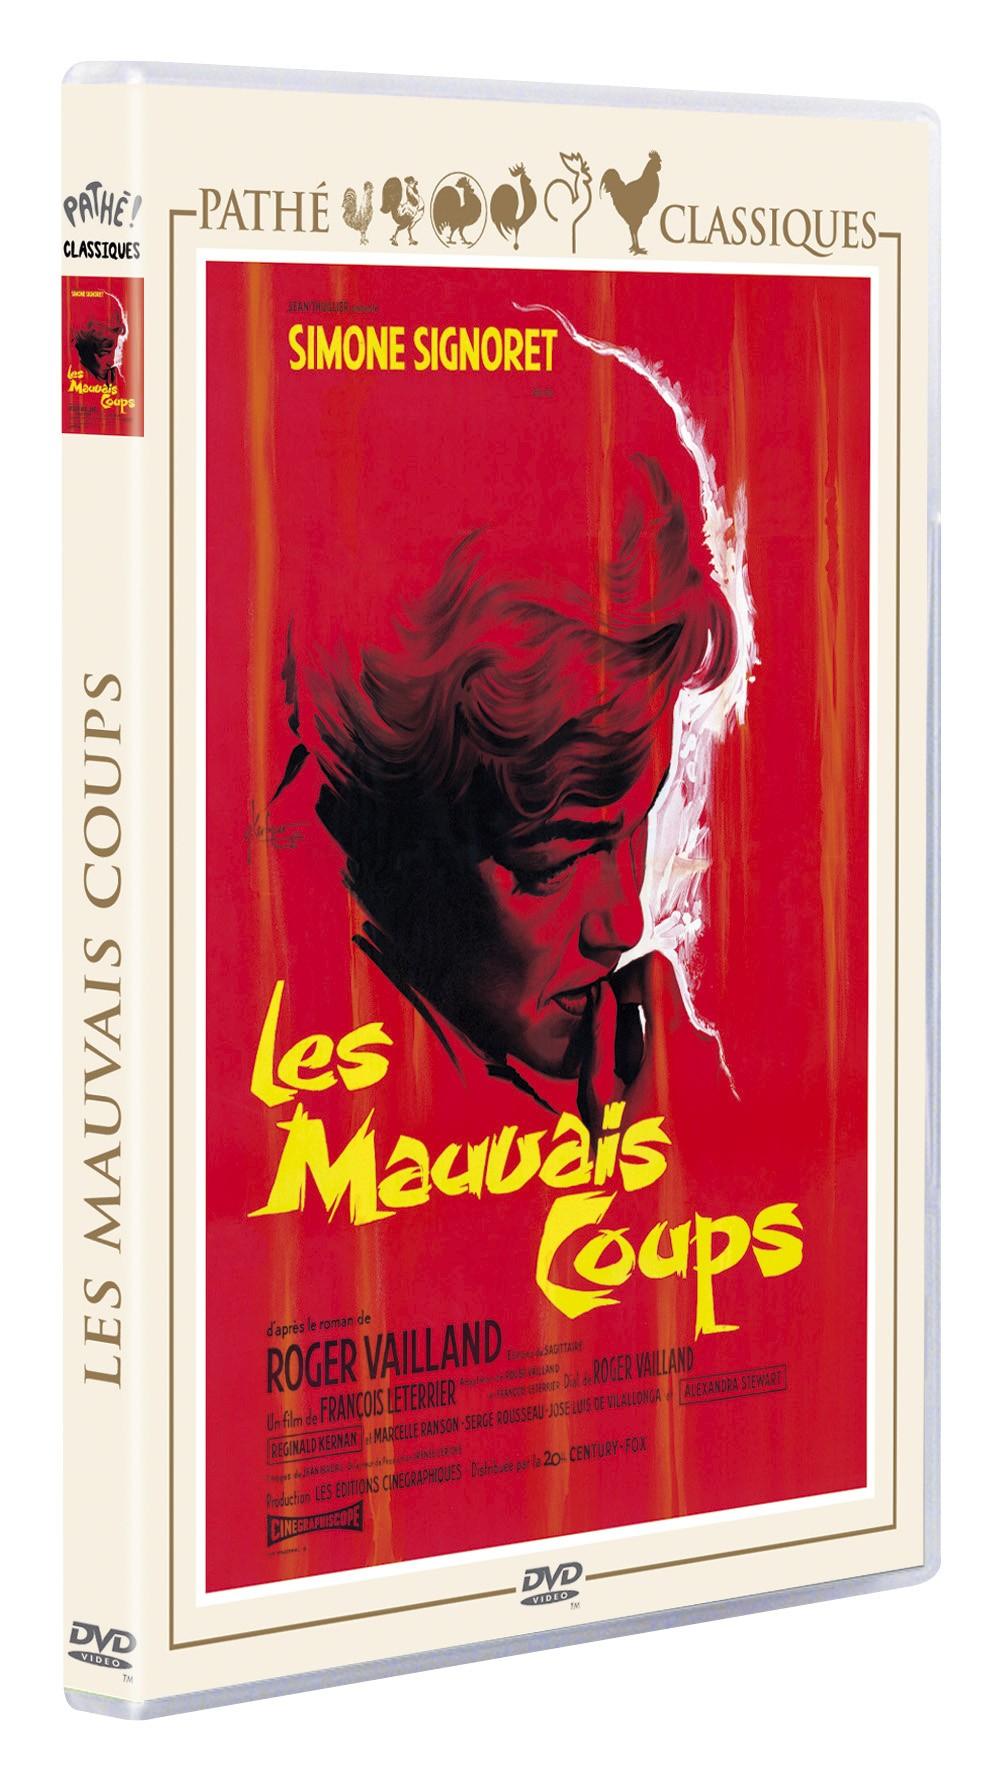 MAUVAIS COUPS (LES)